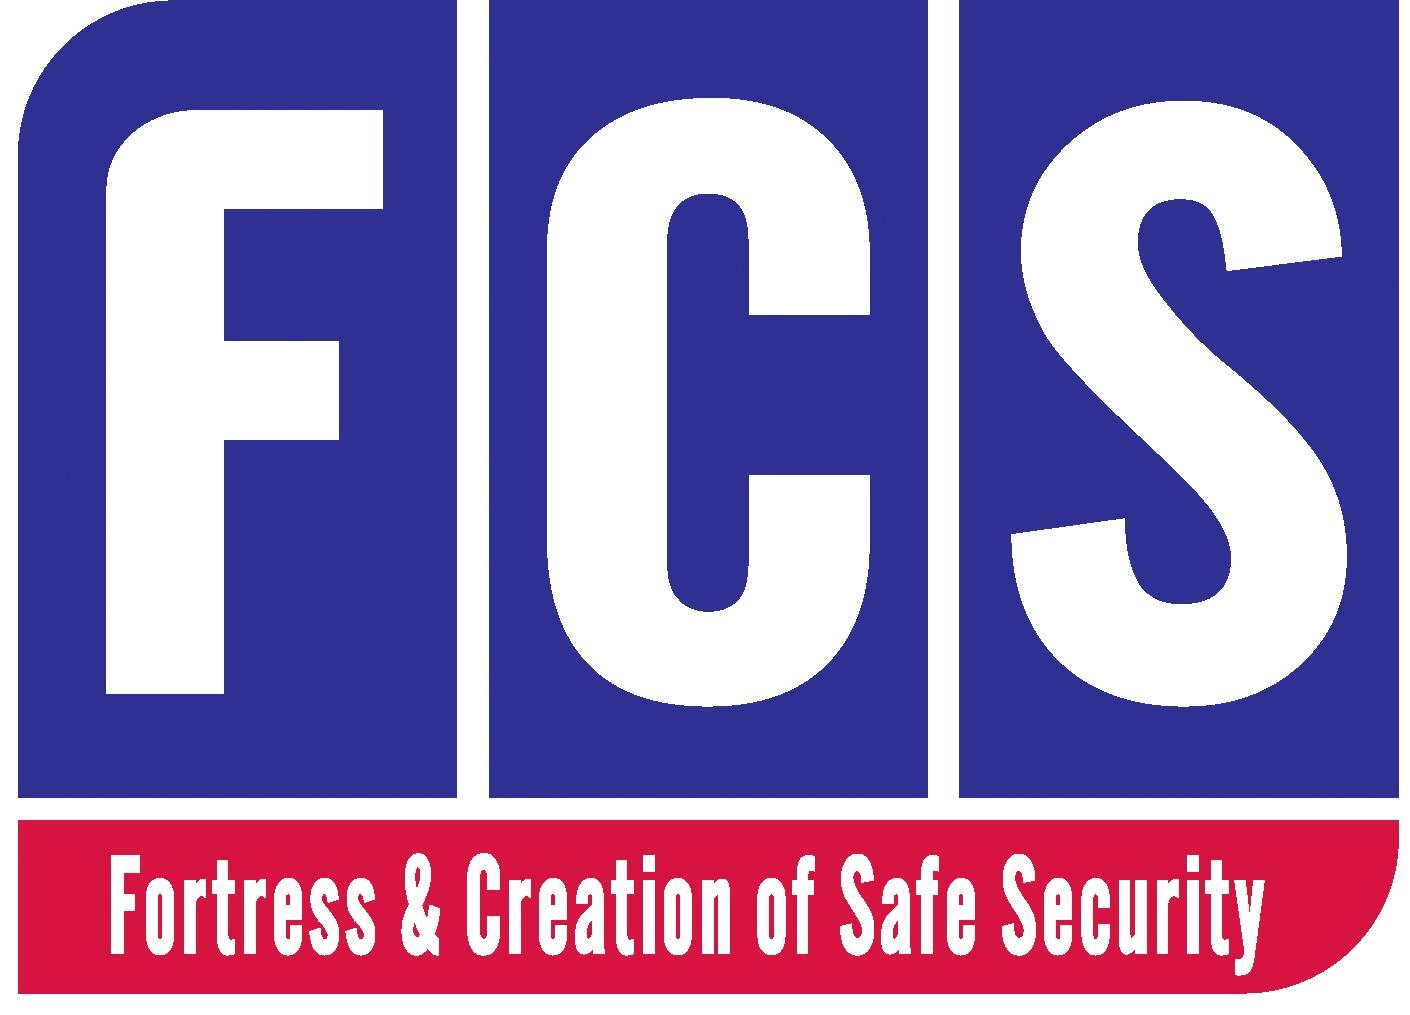 株式会社FCS